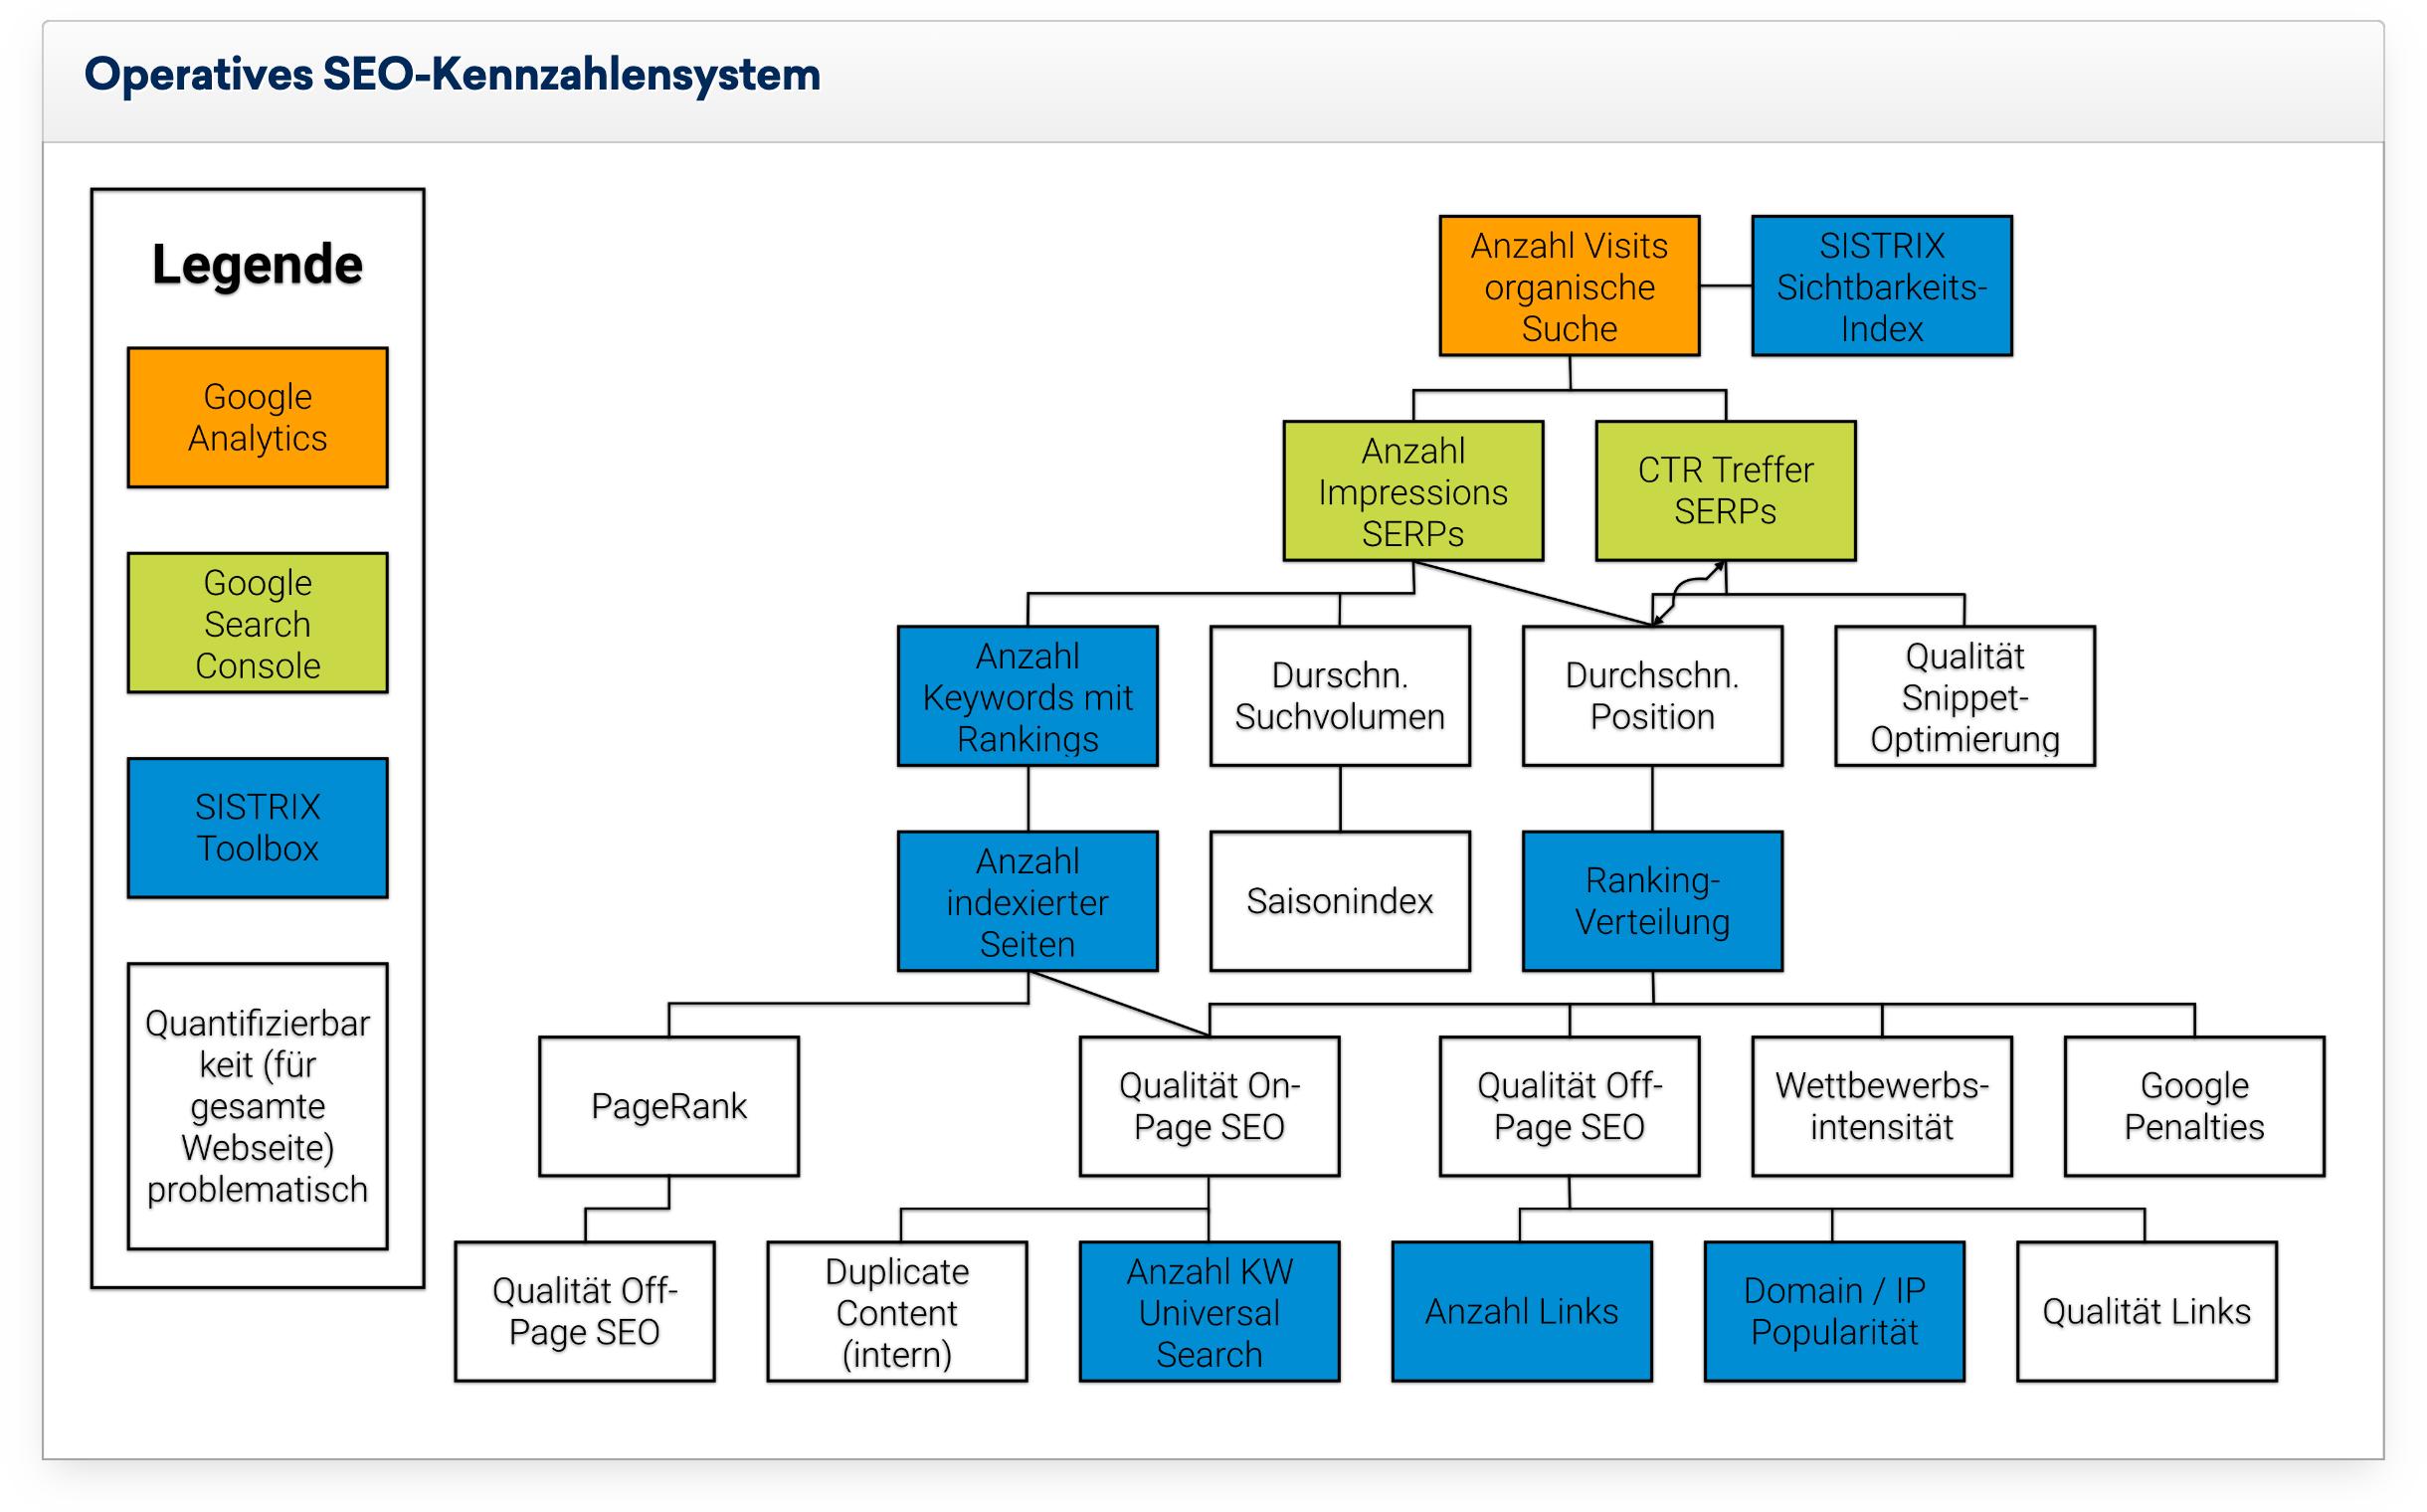 Abb. eines Operatives SEO-Kennzahlensystem basierend auf der logischen Verknüpfung mehrerer Kennzahlen zu einem Kennzahlensystem